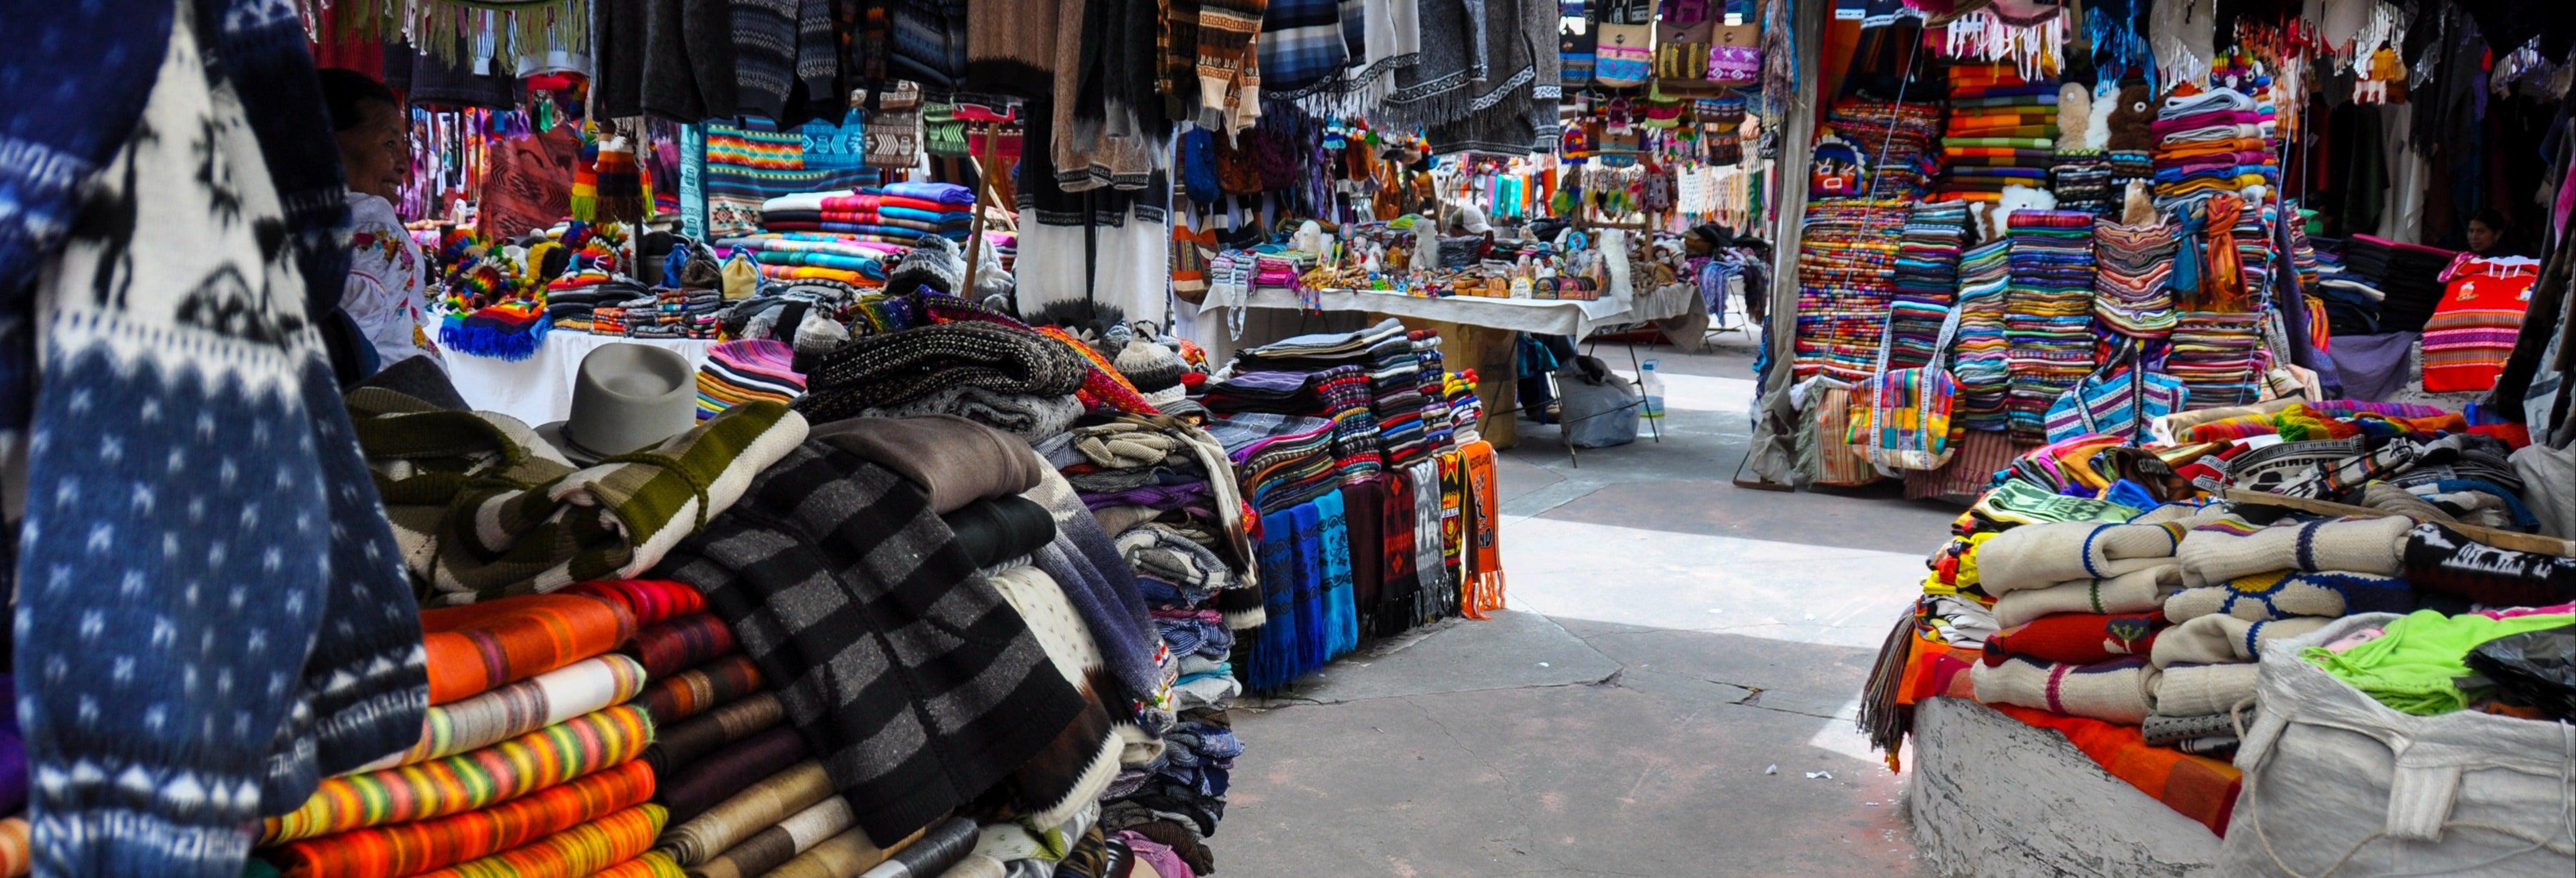 Excursión a los mercados de Otavalo y Cotacachi